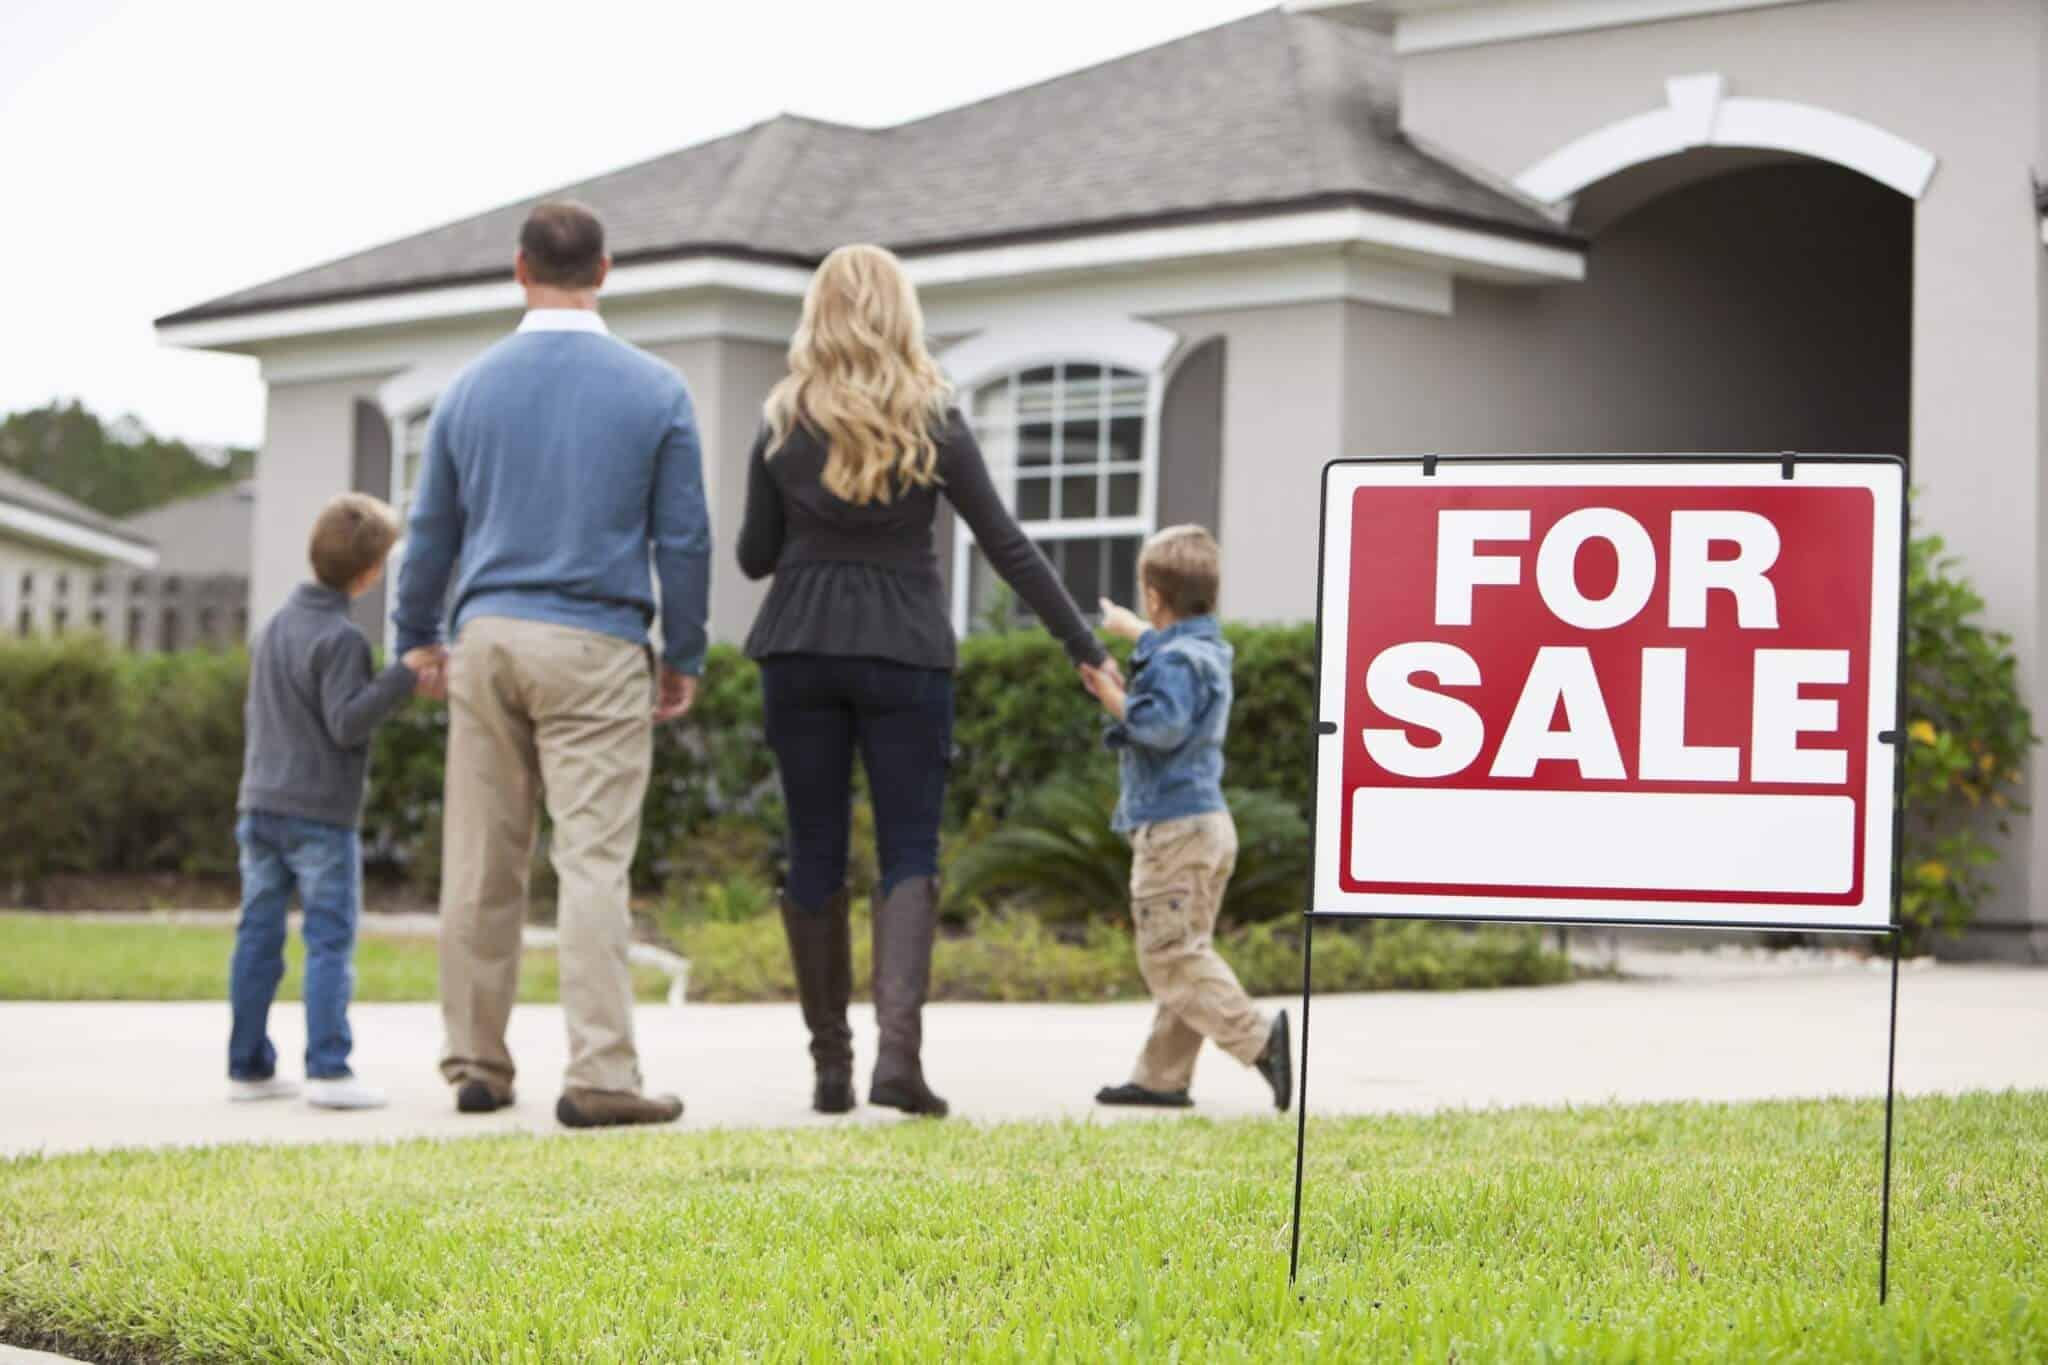 Rumah dijual, tips jual rumah, jual rumah cepat, tips jitu rumah harga tinggi